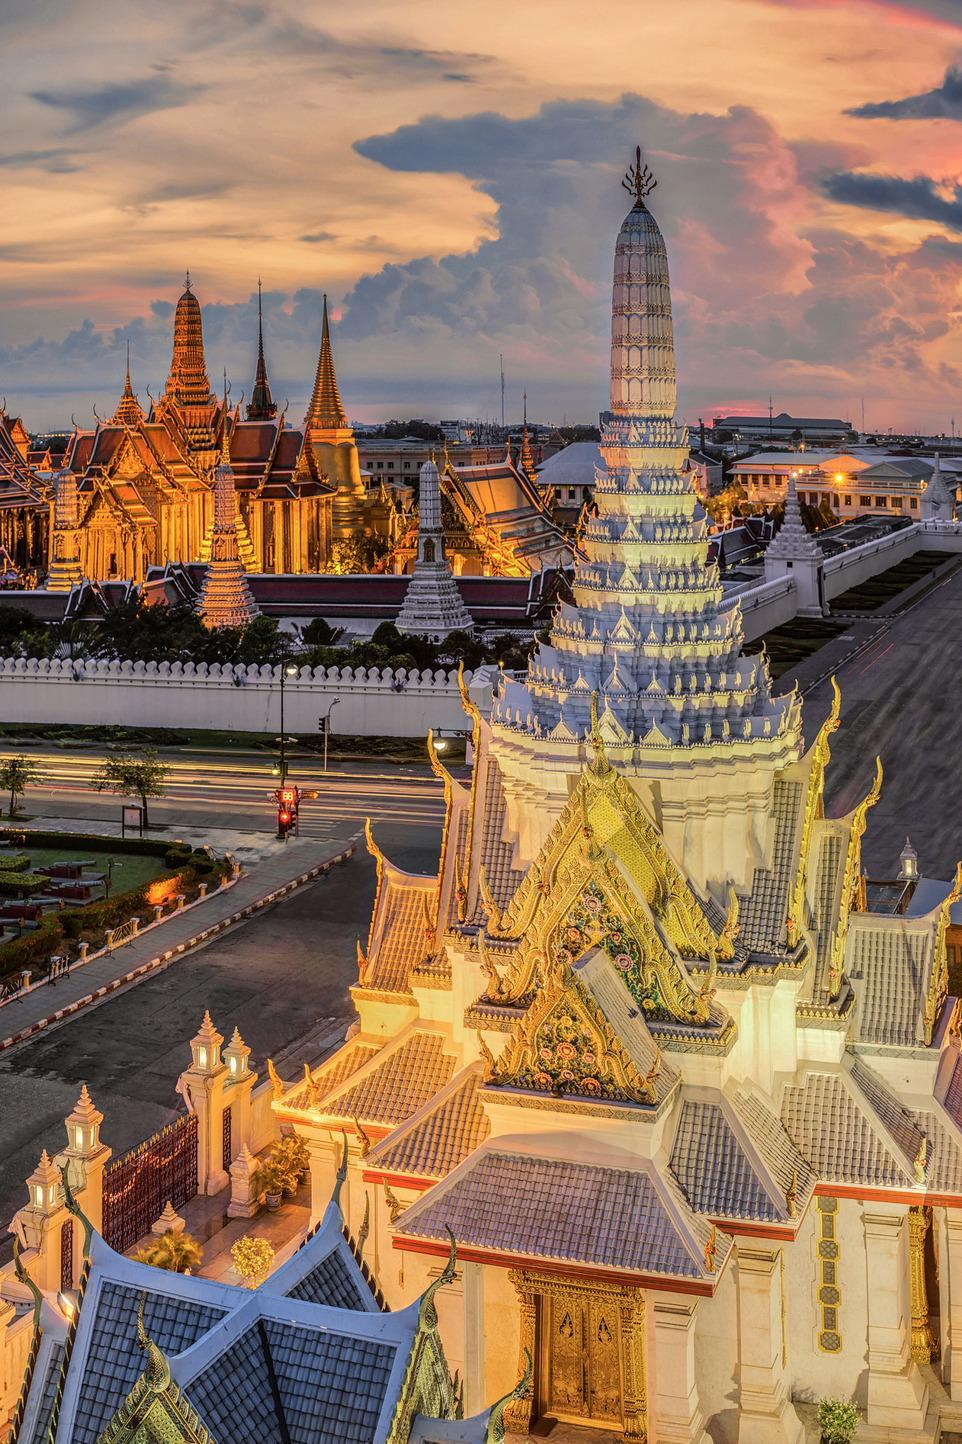 thailand architecture lights cloud